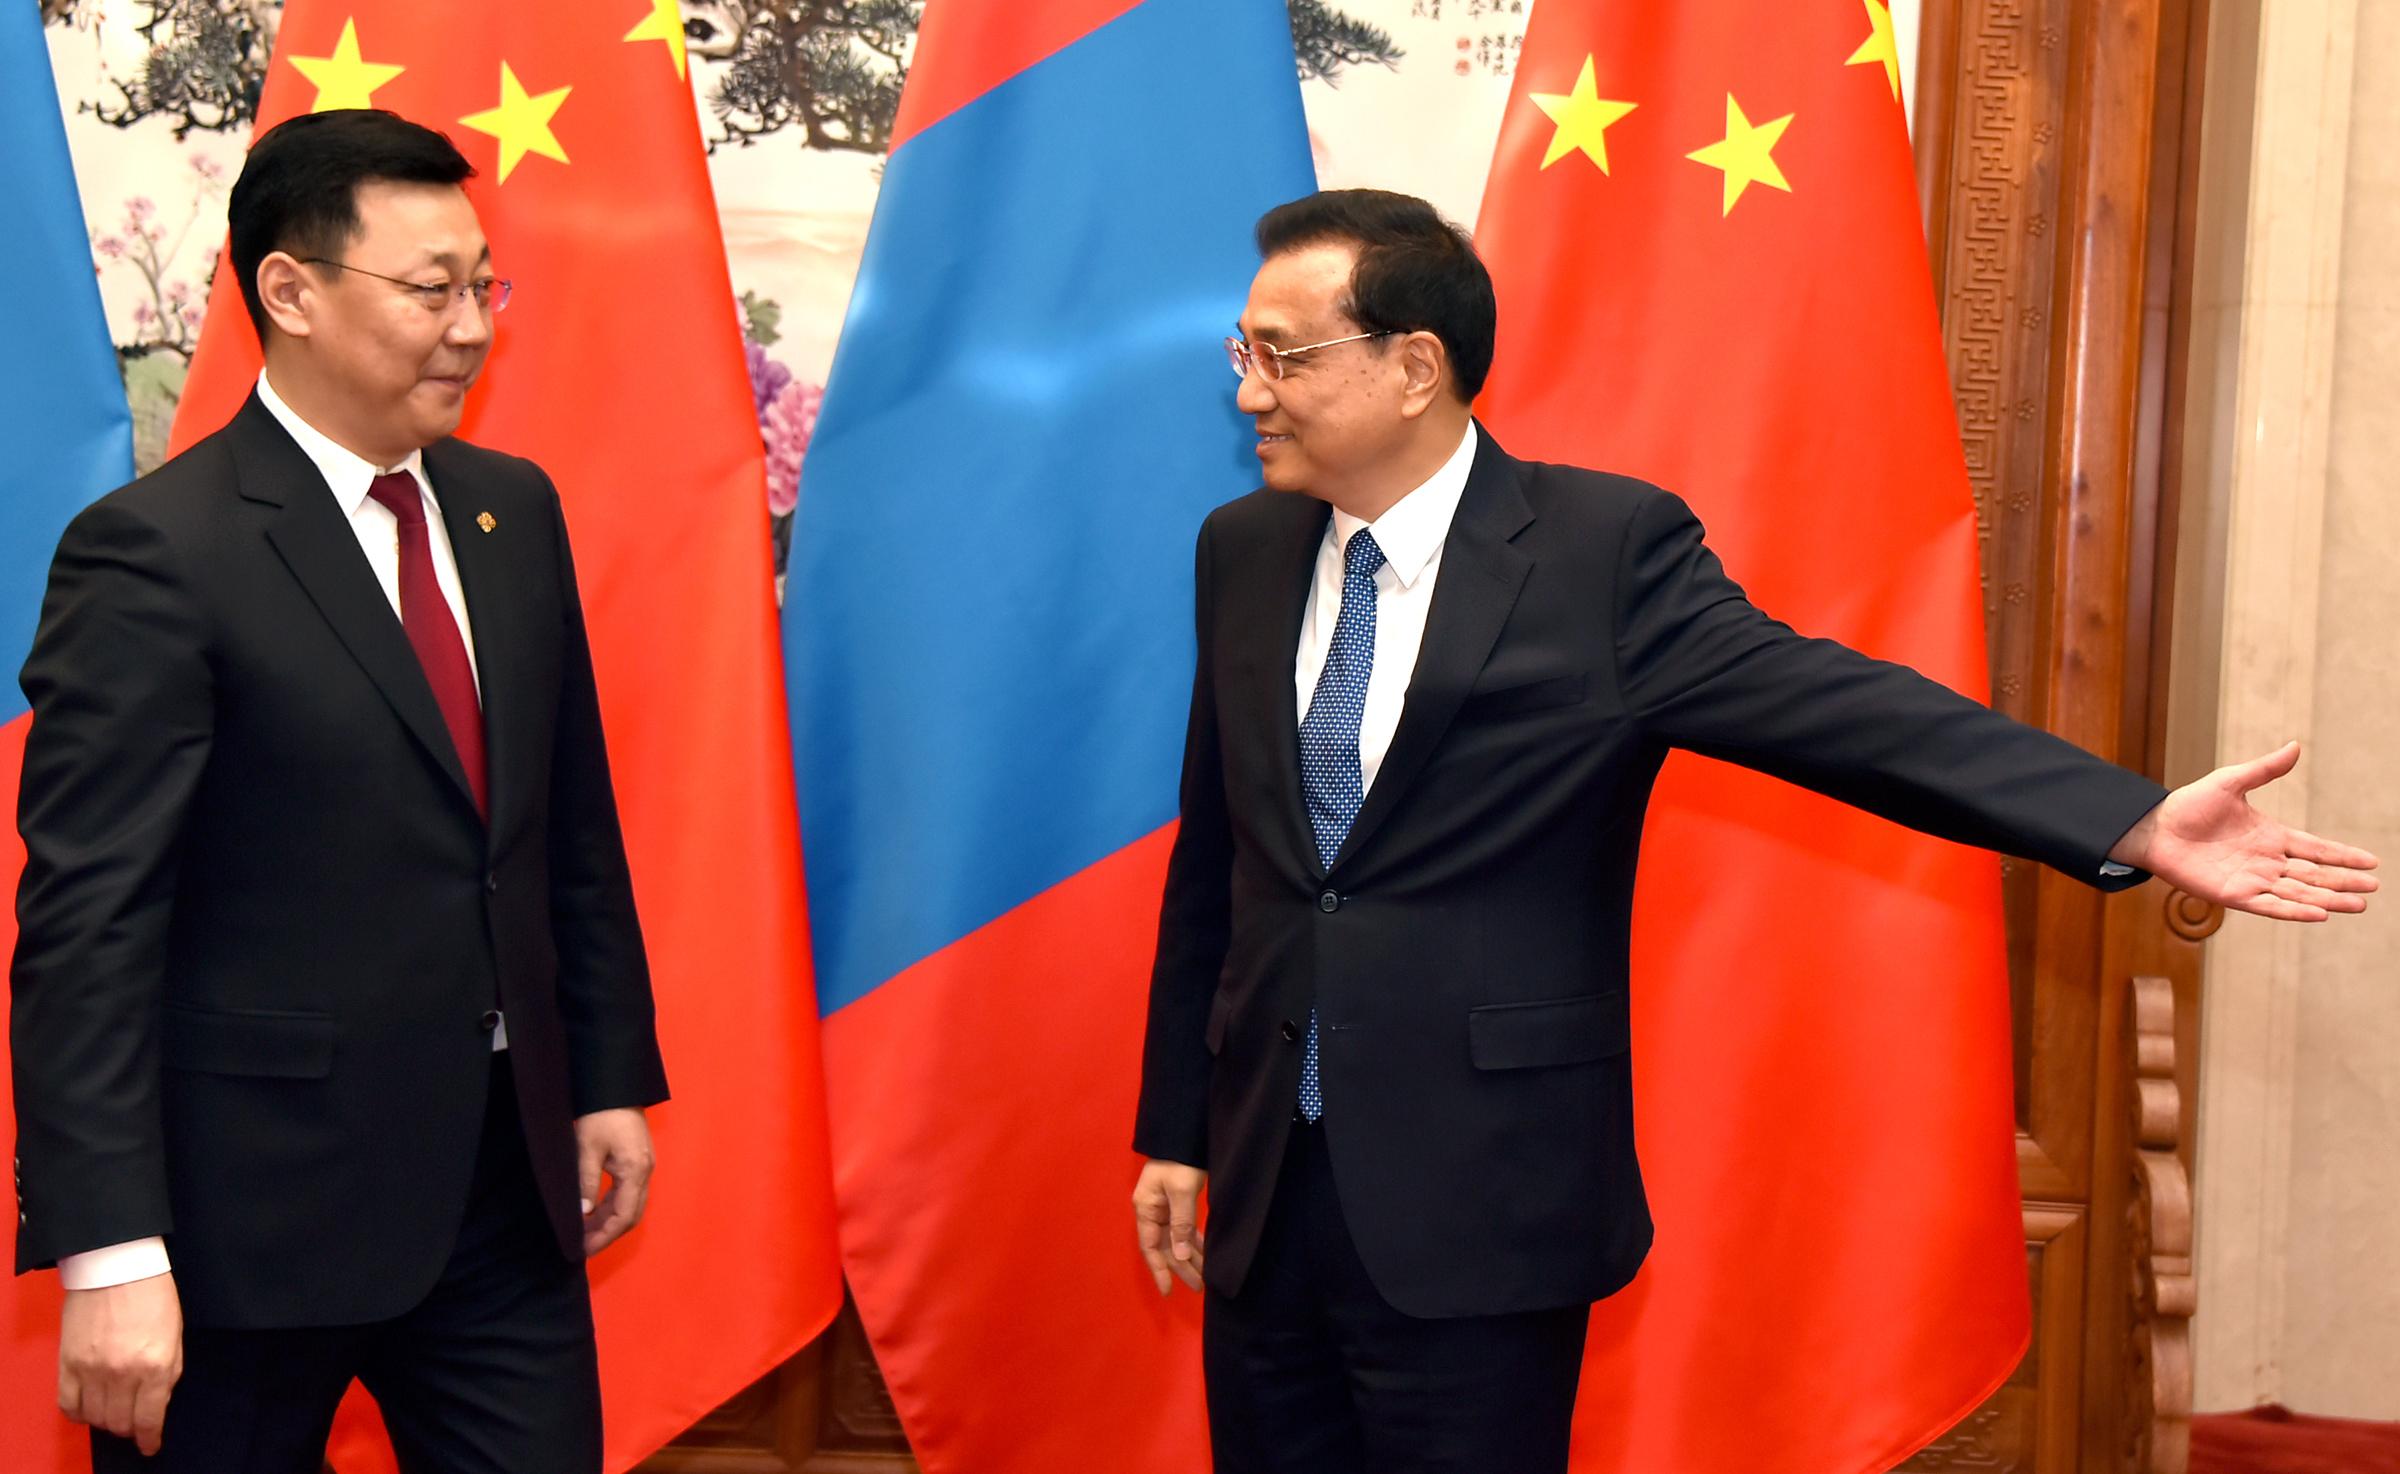 5a66e3ccd15b0671942dc3a676048b5c Монгол Улсын Ерөнхий сайд Ж.Эрдэнэбат, БНХАУ-ын Төрийн Зөвлөлийн Ерөнхий сайд Ли Көчянтай нар албан ёсны хэлэлцээ хийв